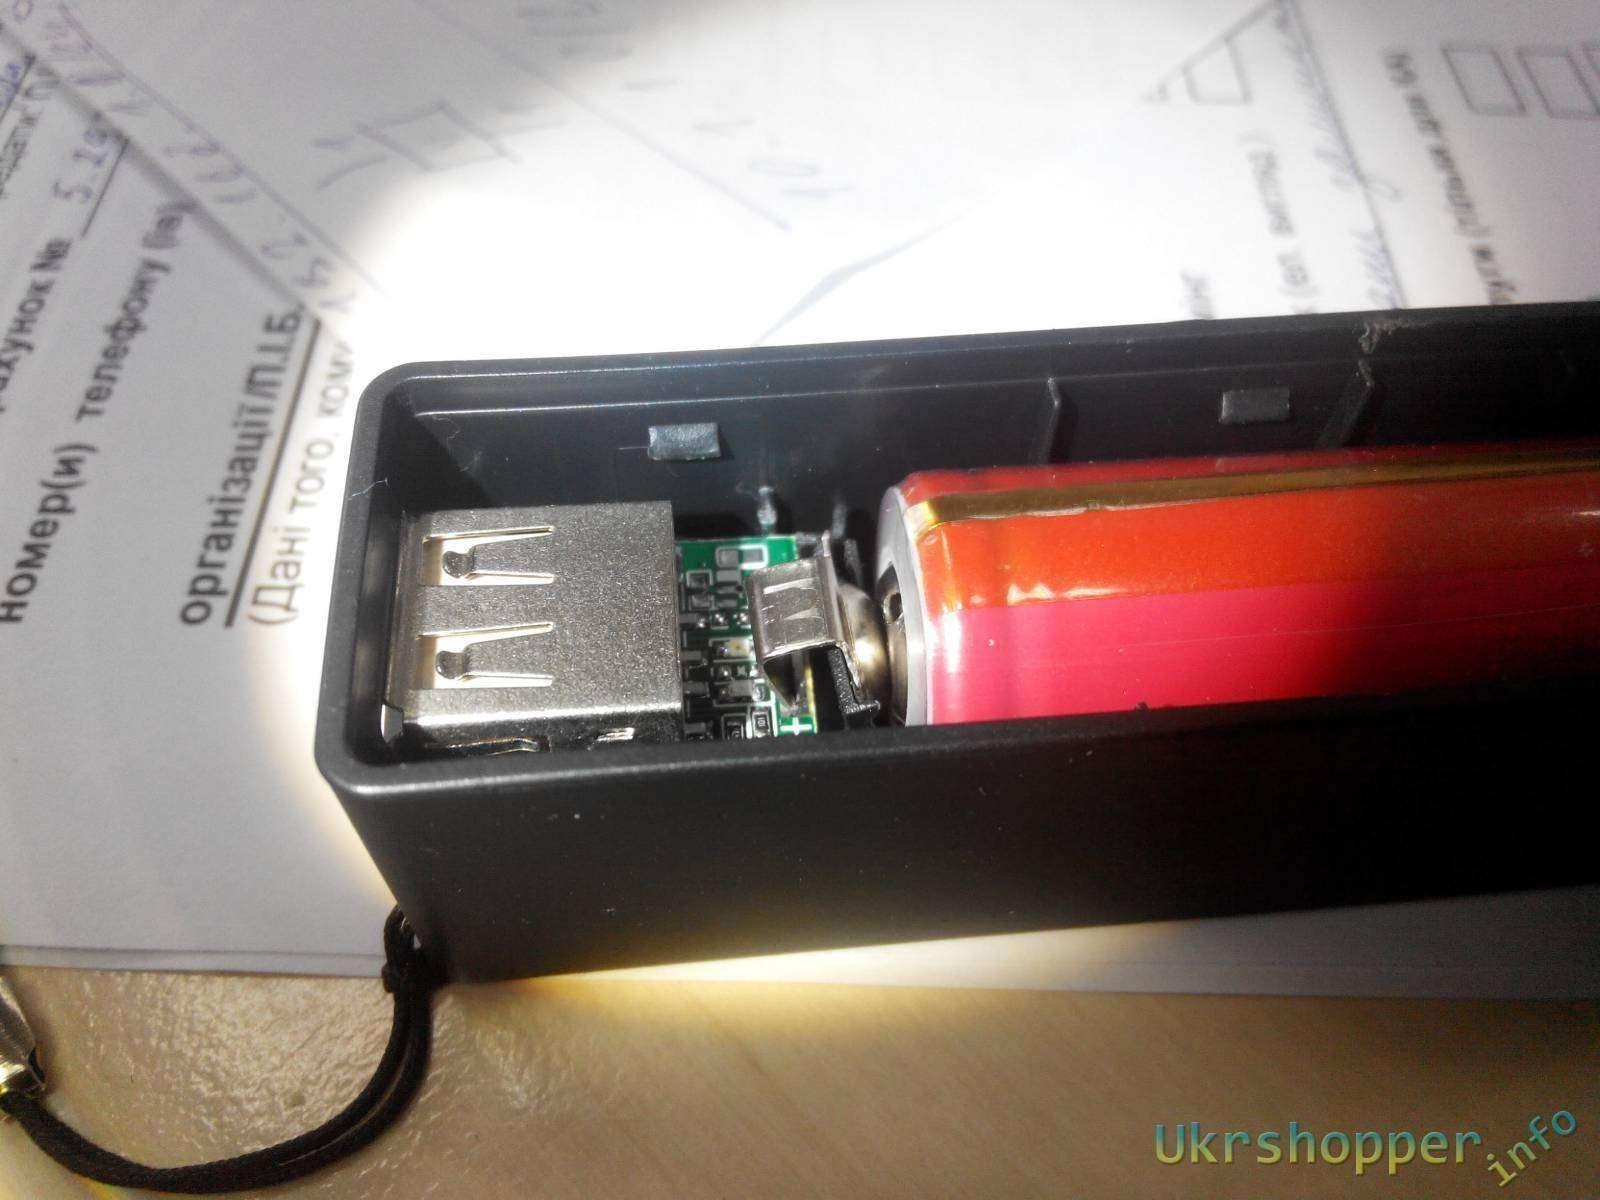 BuyinCoins: Знаменитый корпус Powerbank на одном аккумуляторе 18650 и простой способ сборки.